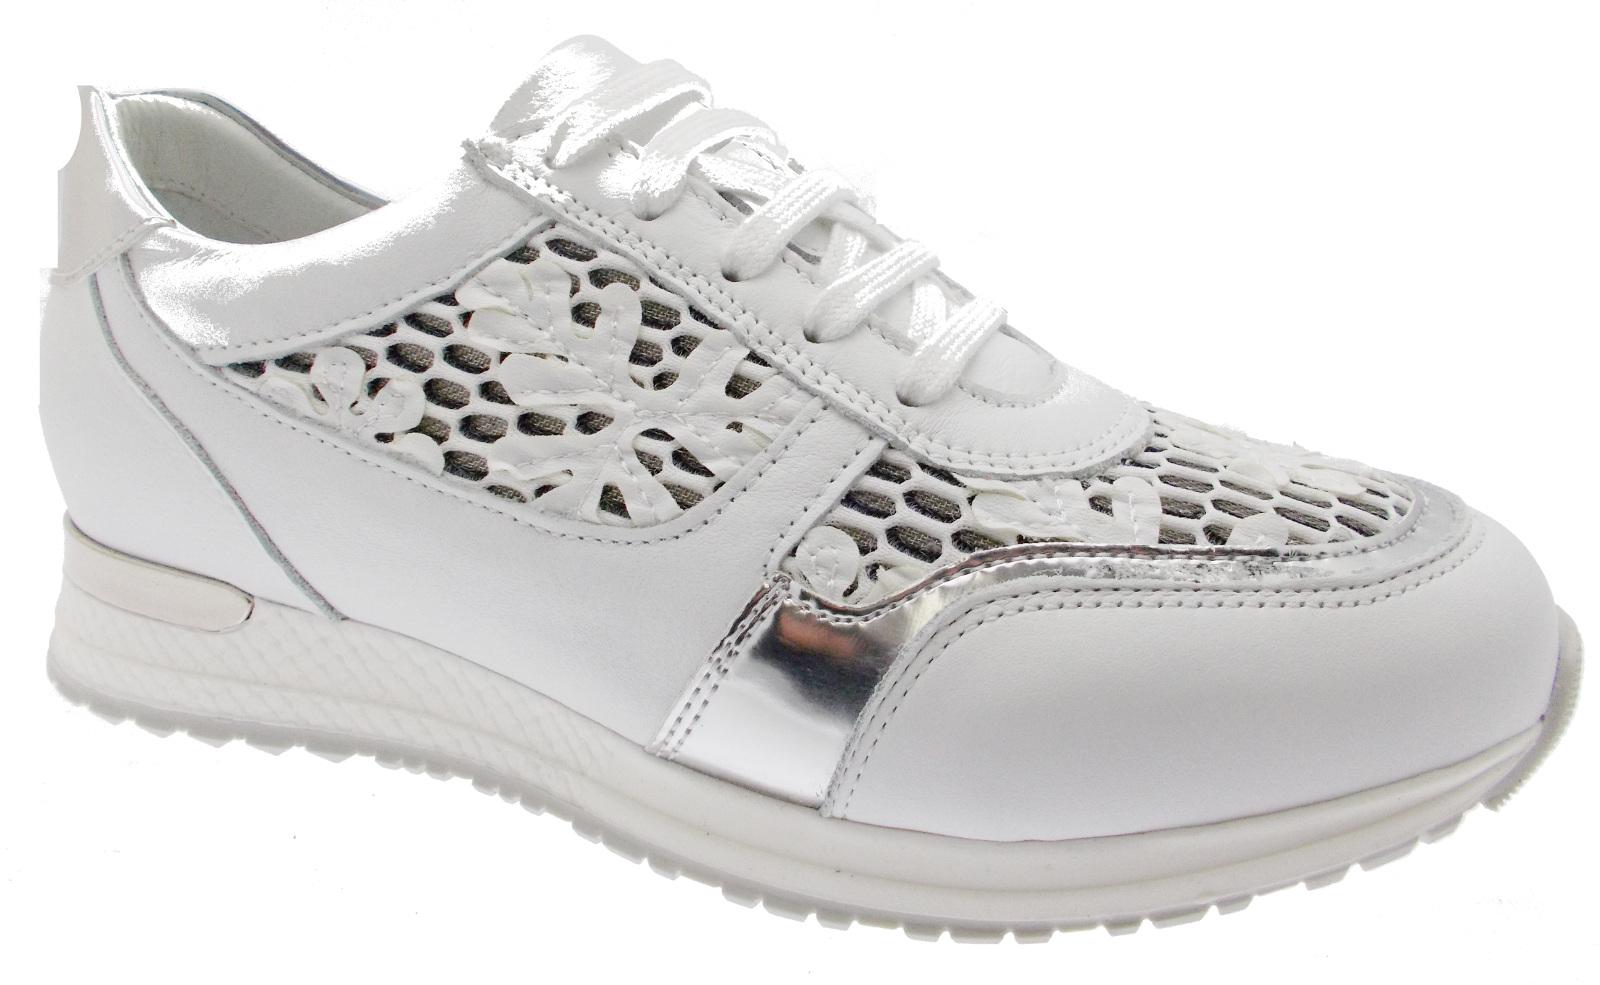 C3729 scarpa donna ortopedica  sneaker plantare fiori lacci loren